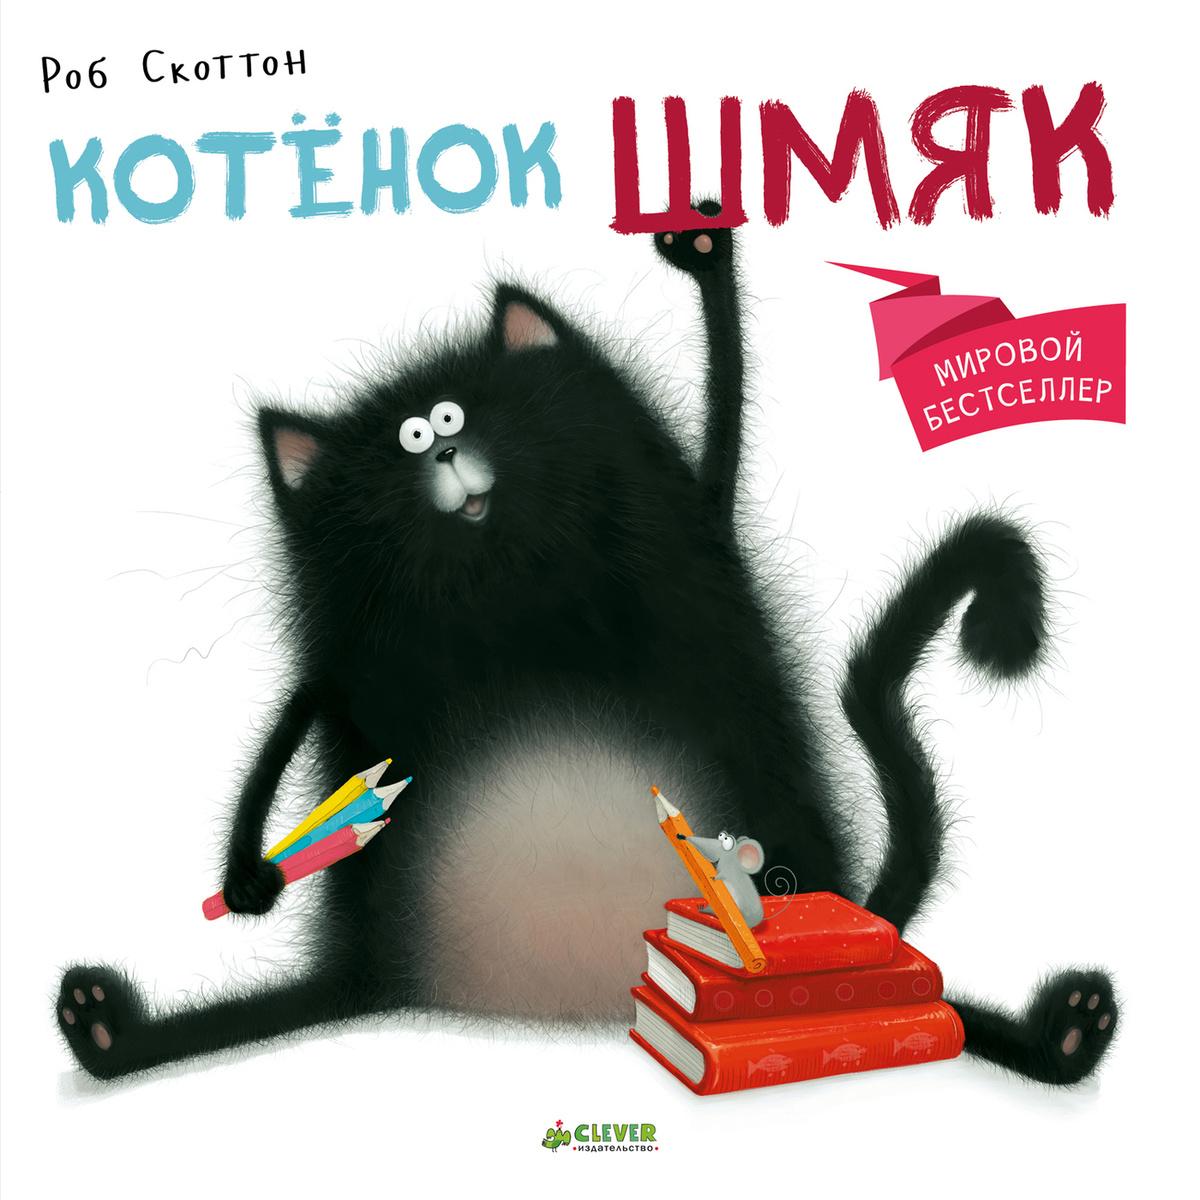 Котенок Шмяк   Скоттон Роб #1